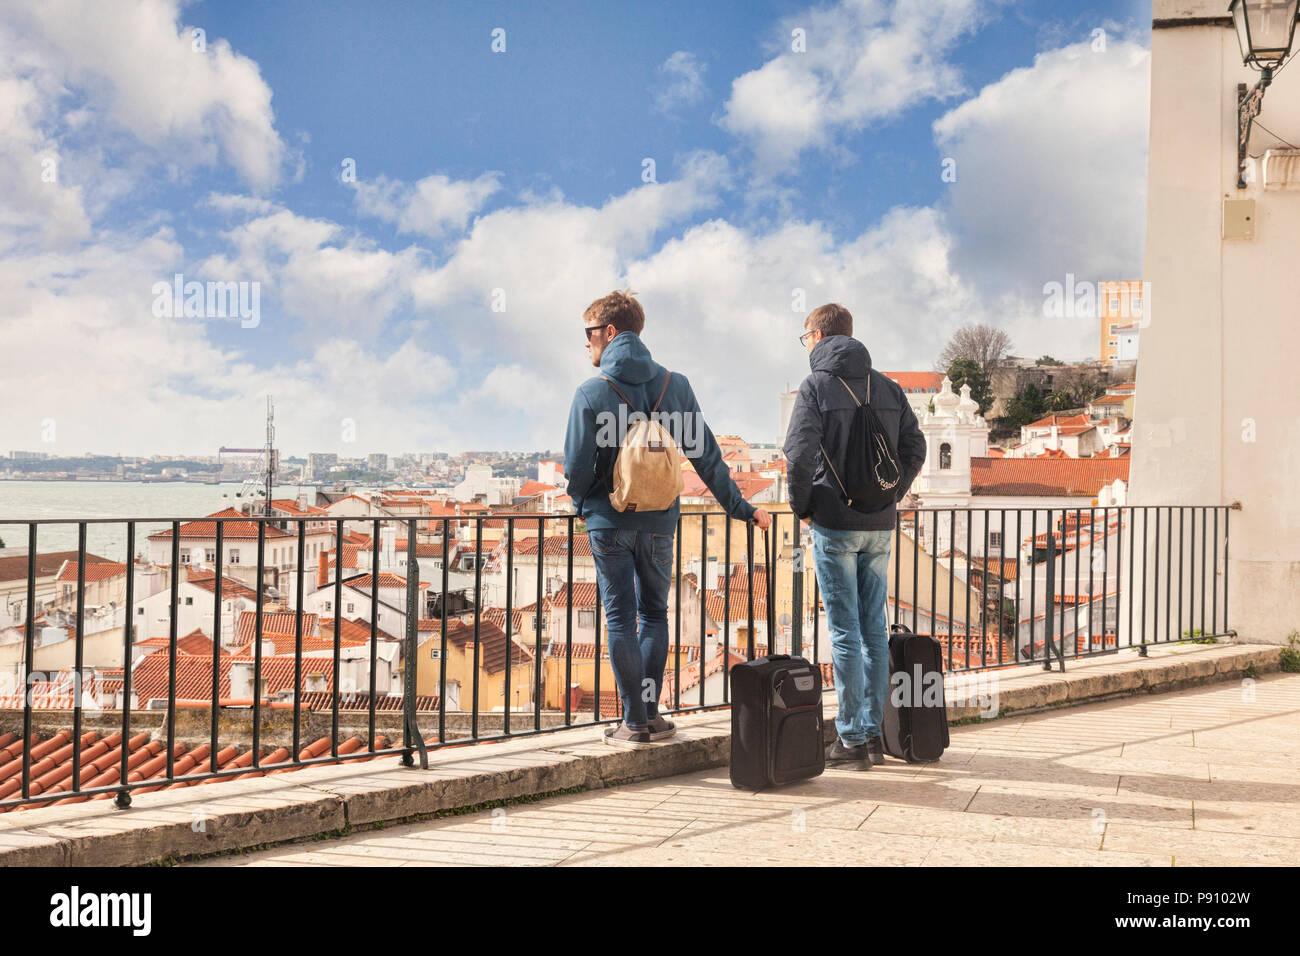 7 Marzo 2018: Lisbona, Portogallo - Due giovani maschi con riporto su bagagli guardando il panorama della città dal Miradouro de Santa Estevao. Immagini Stock